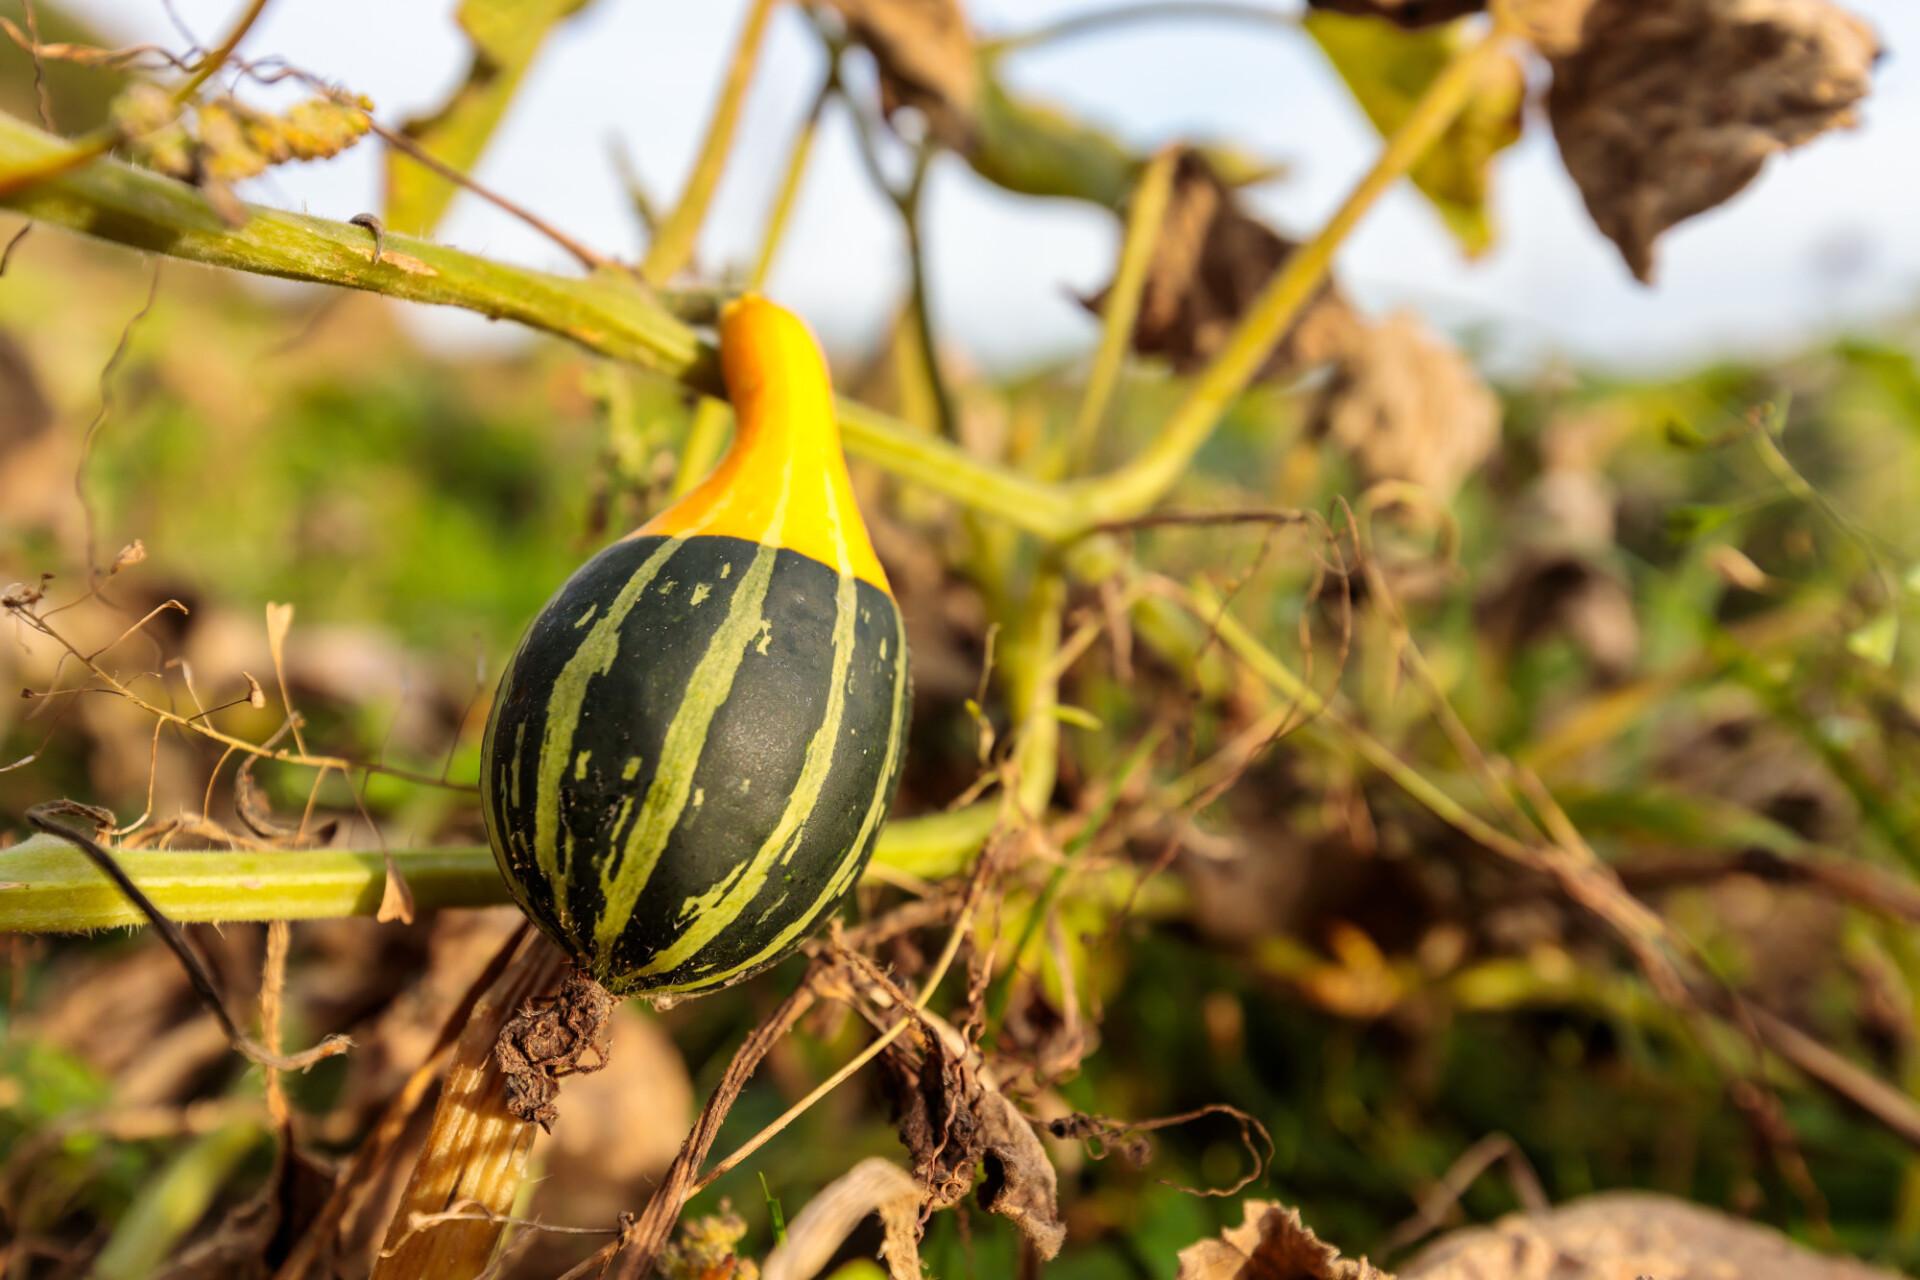 Beautiful pumpkin growing on a field in autumn